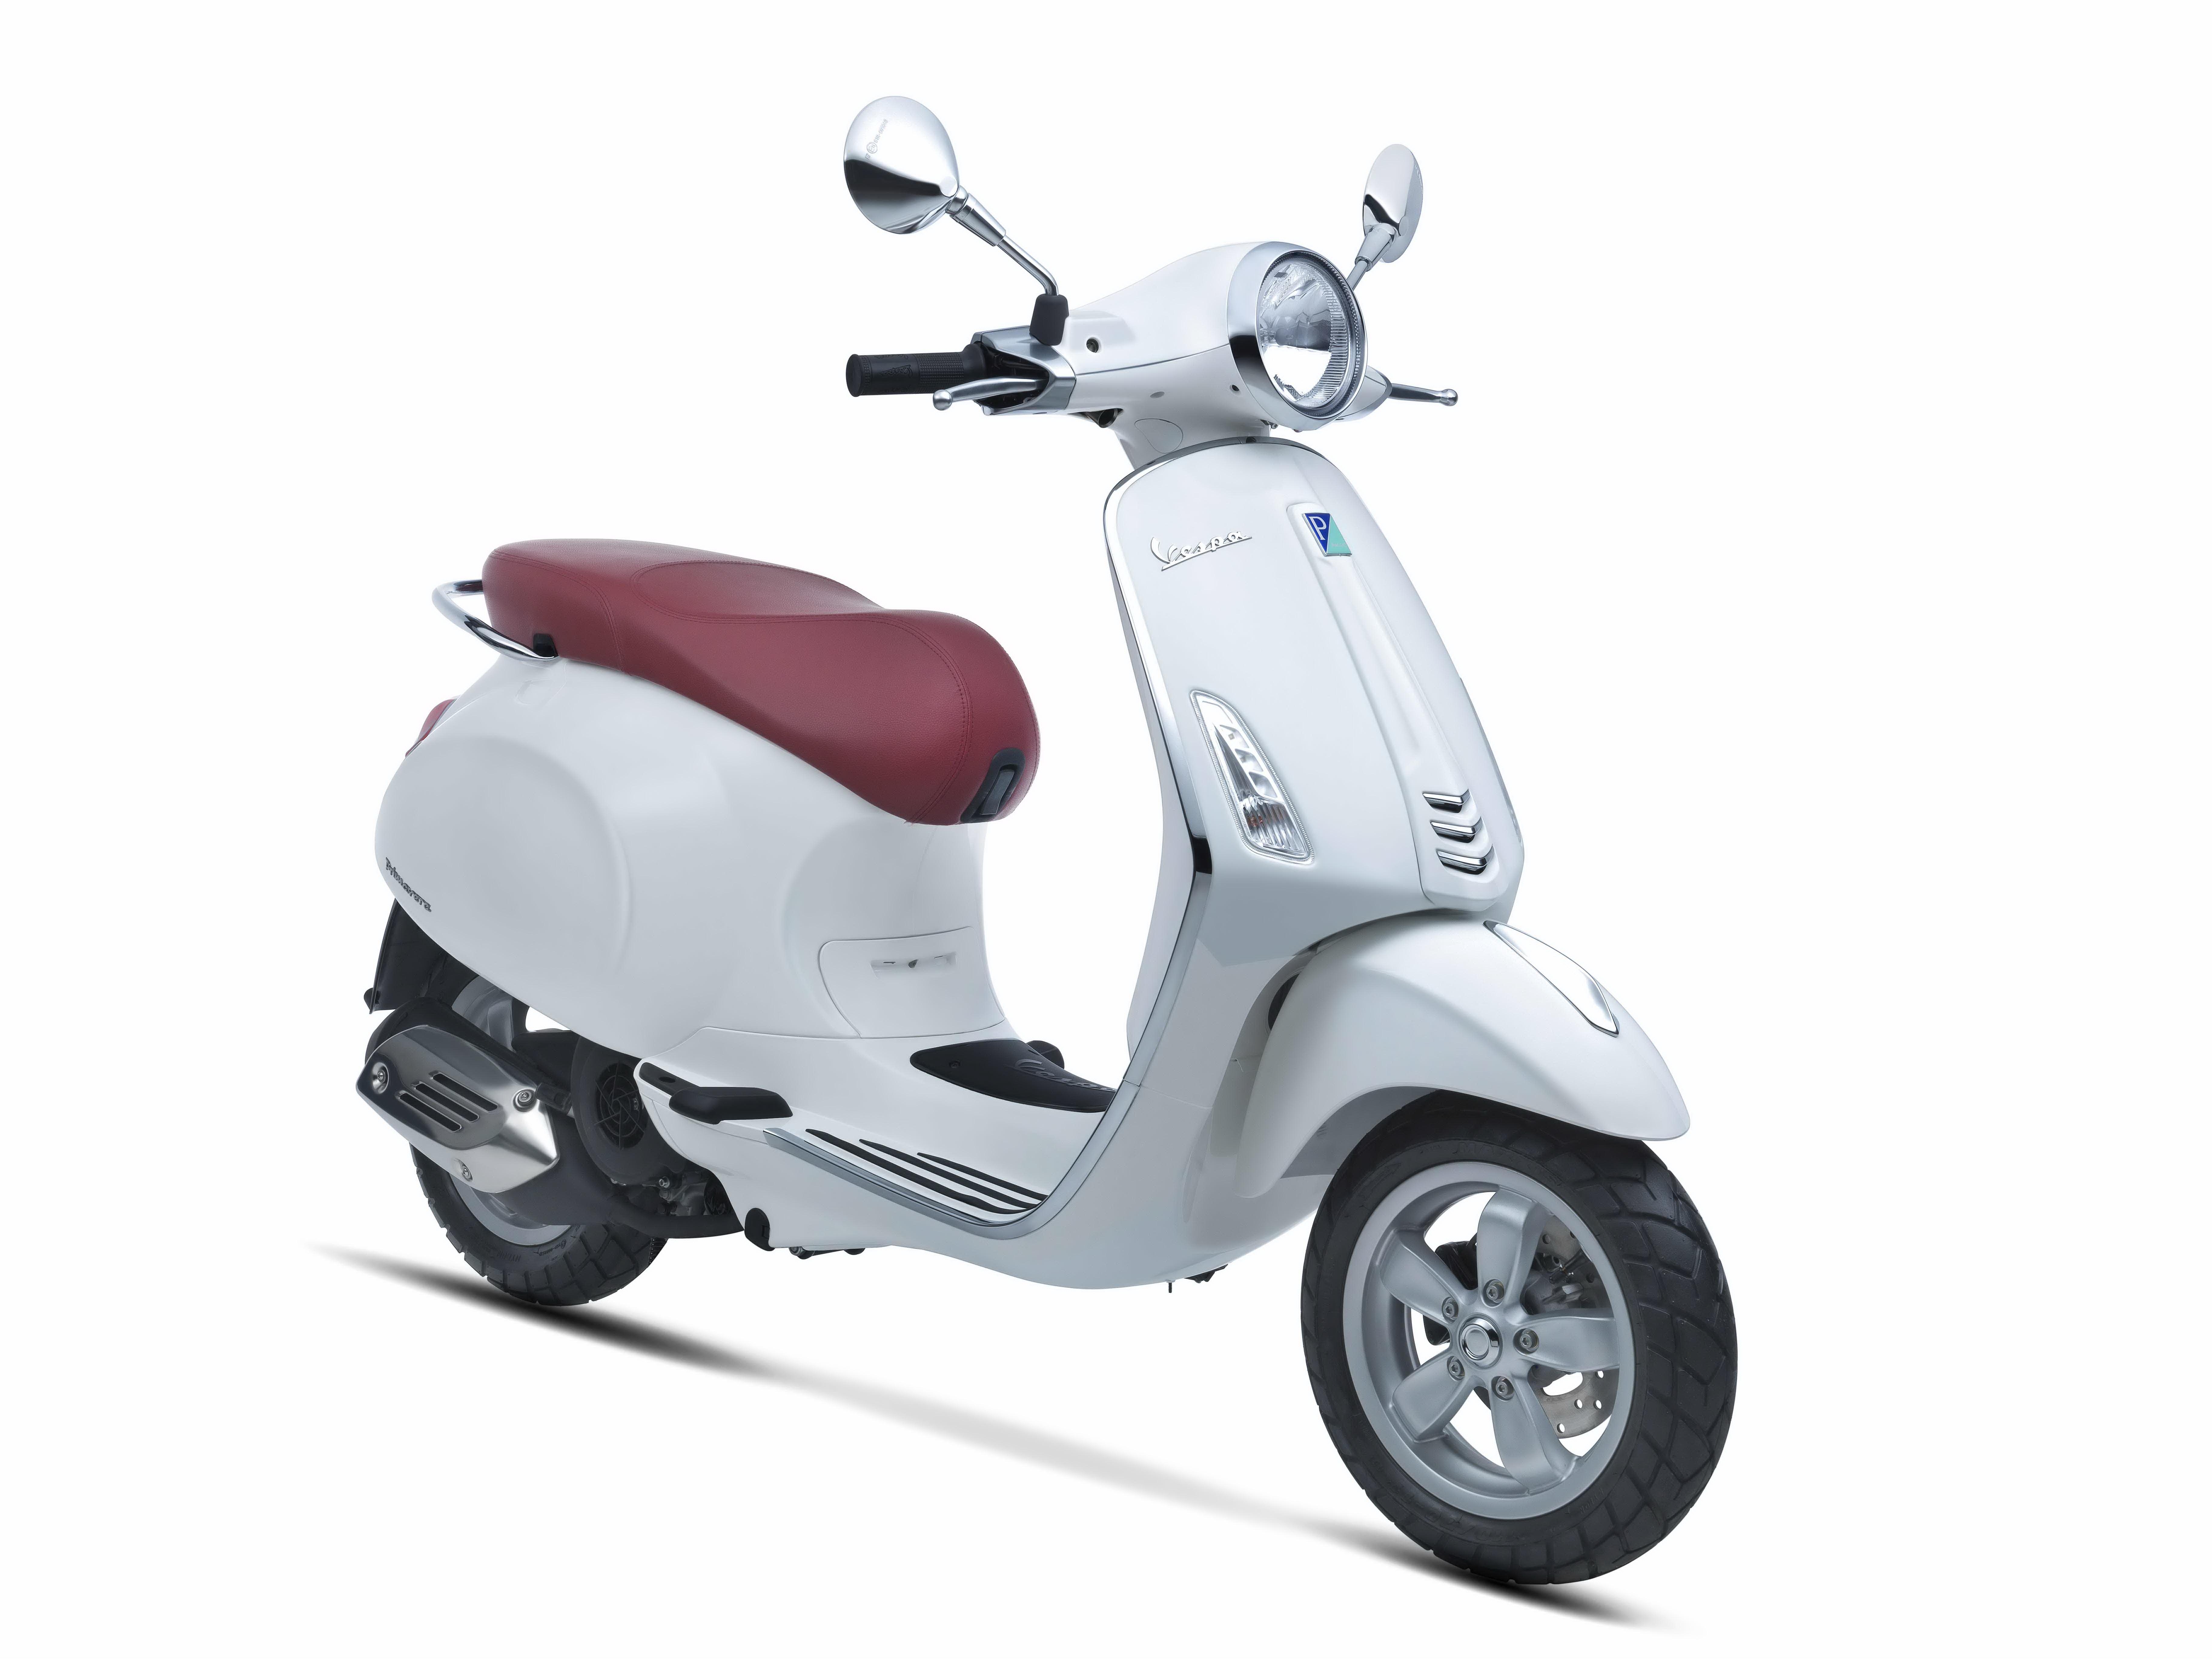 Vespa Moto